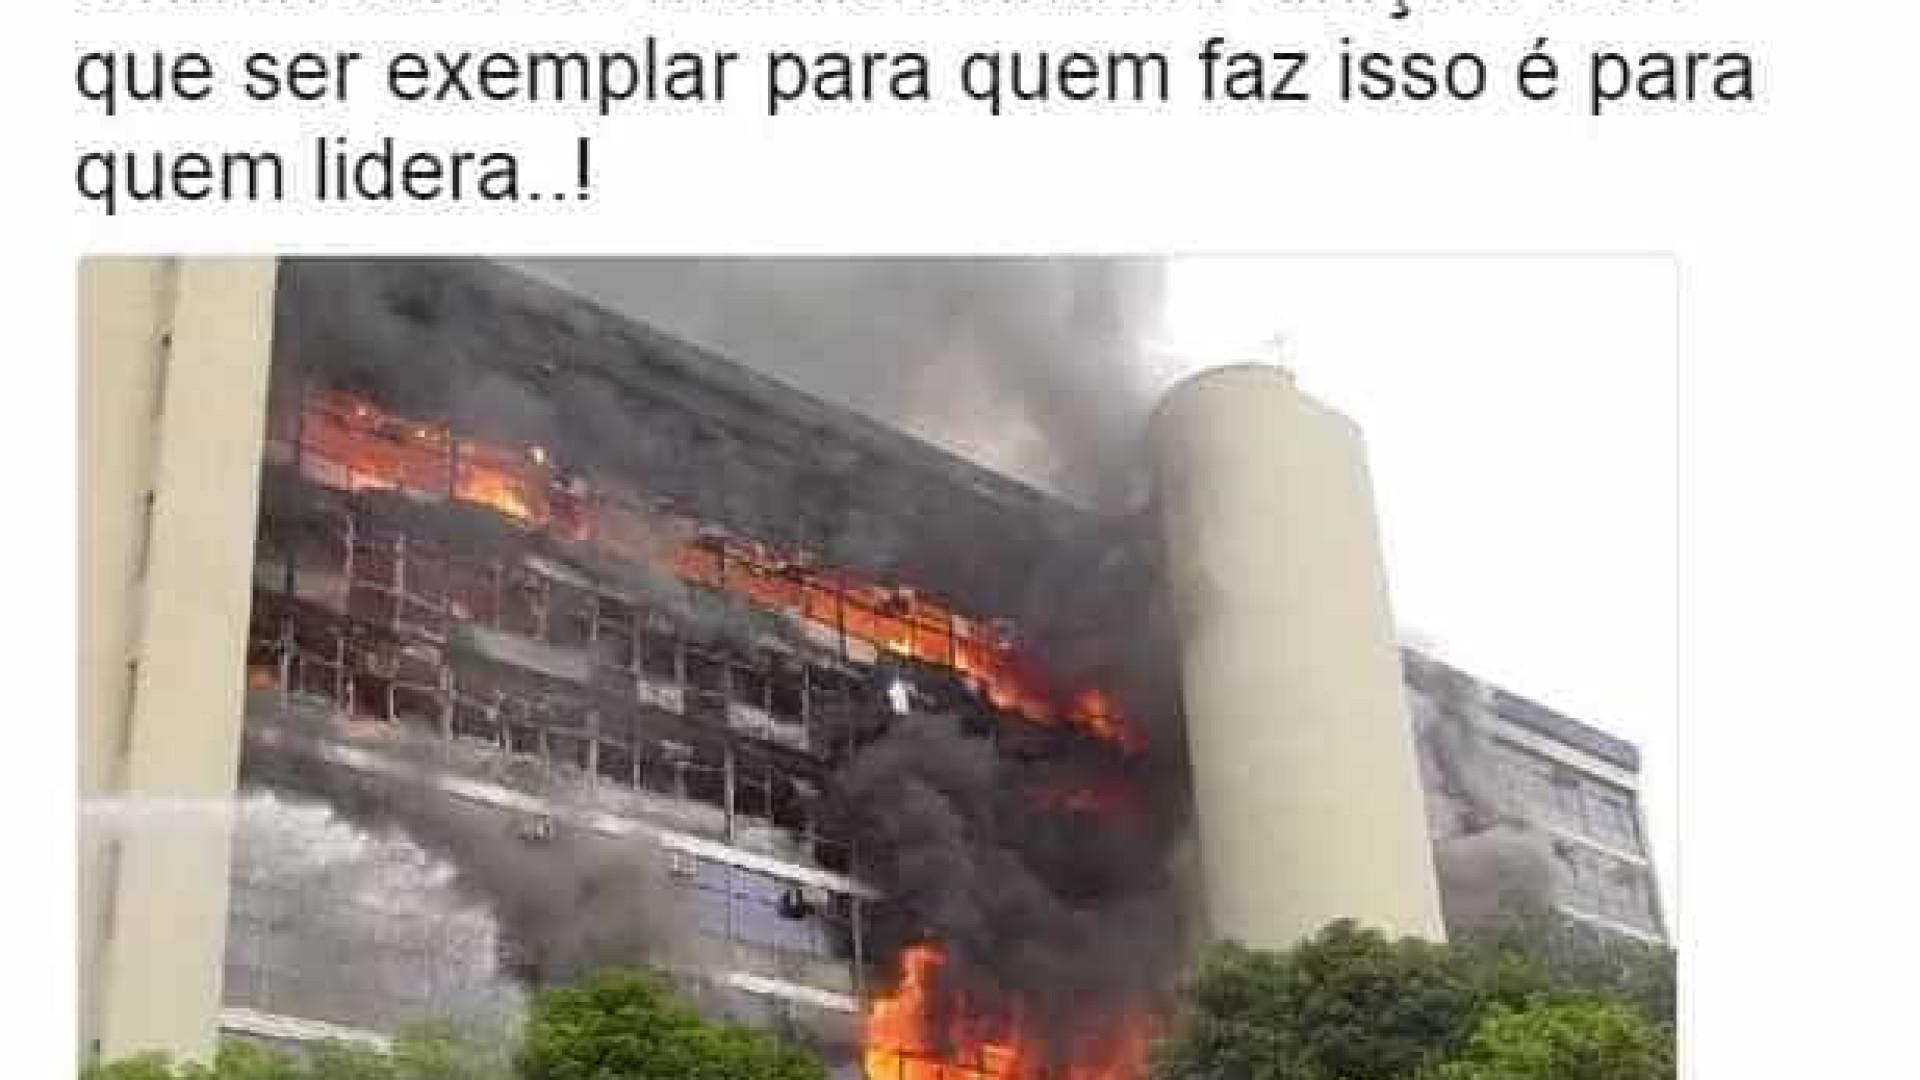 Ministro usa foto errada para criticar protesto em Brasília